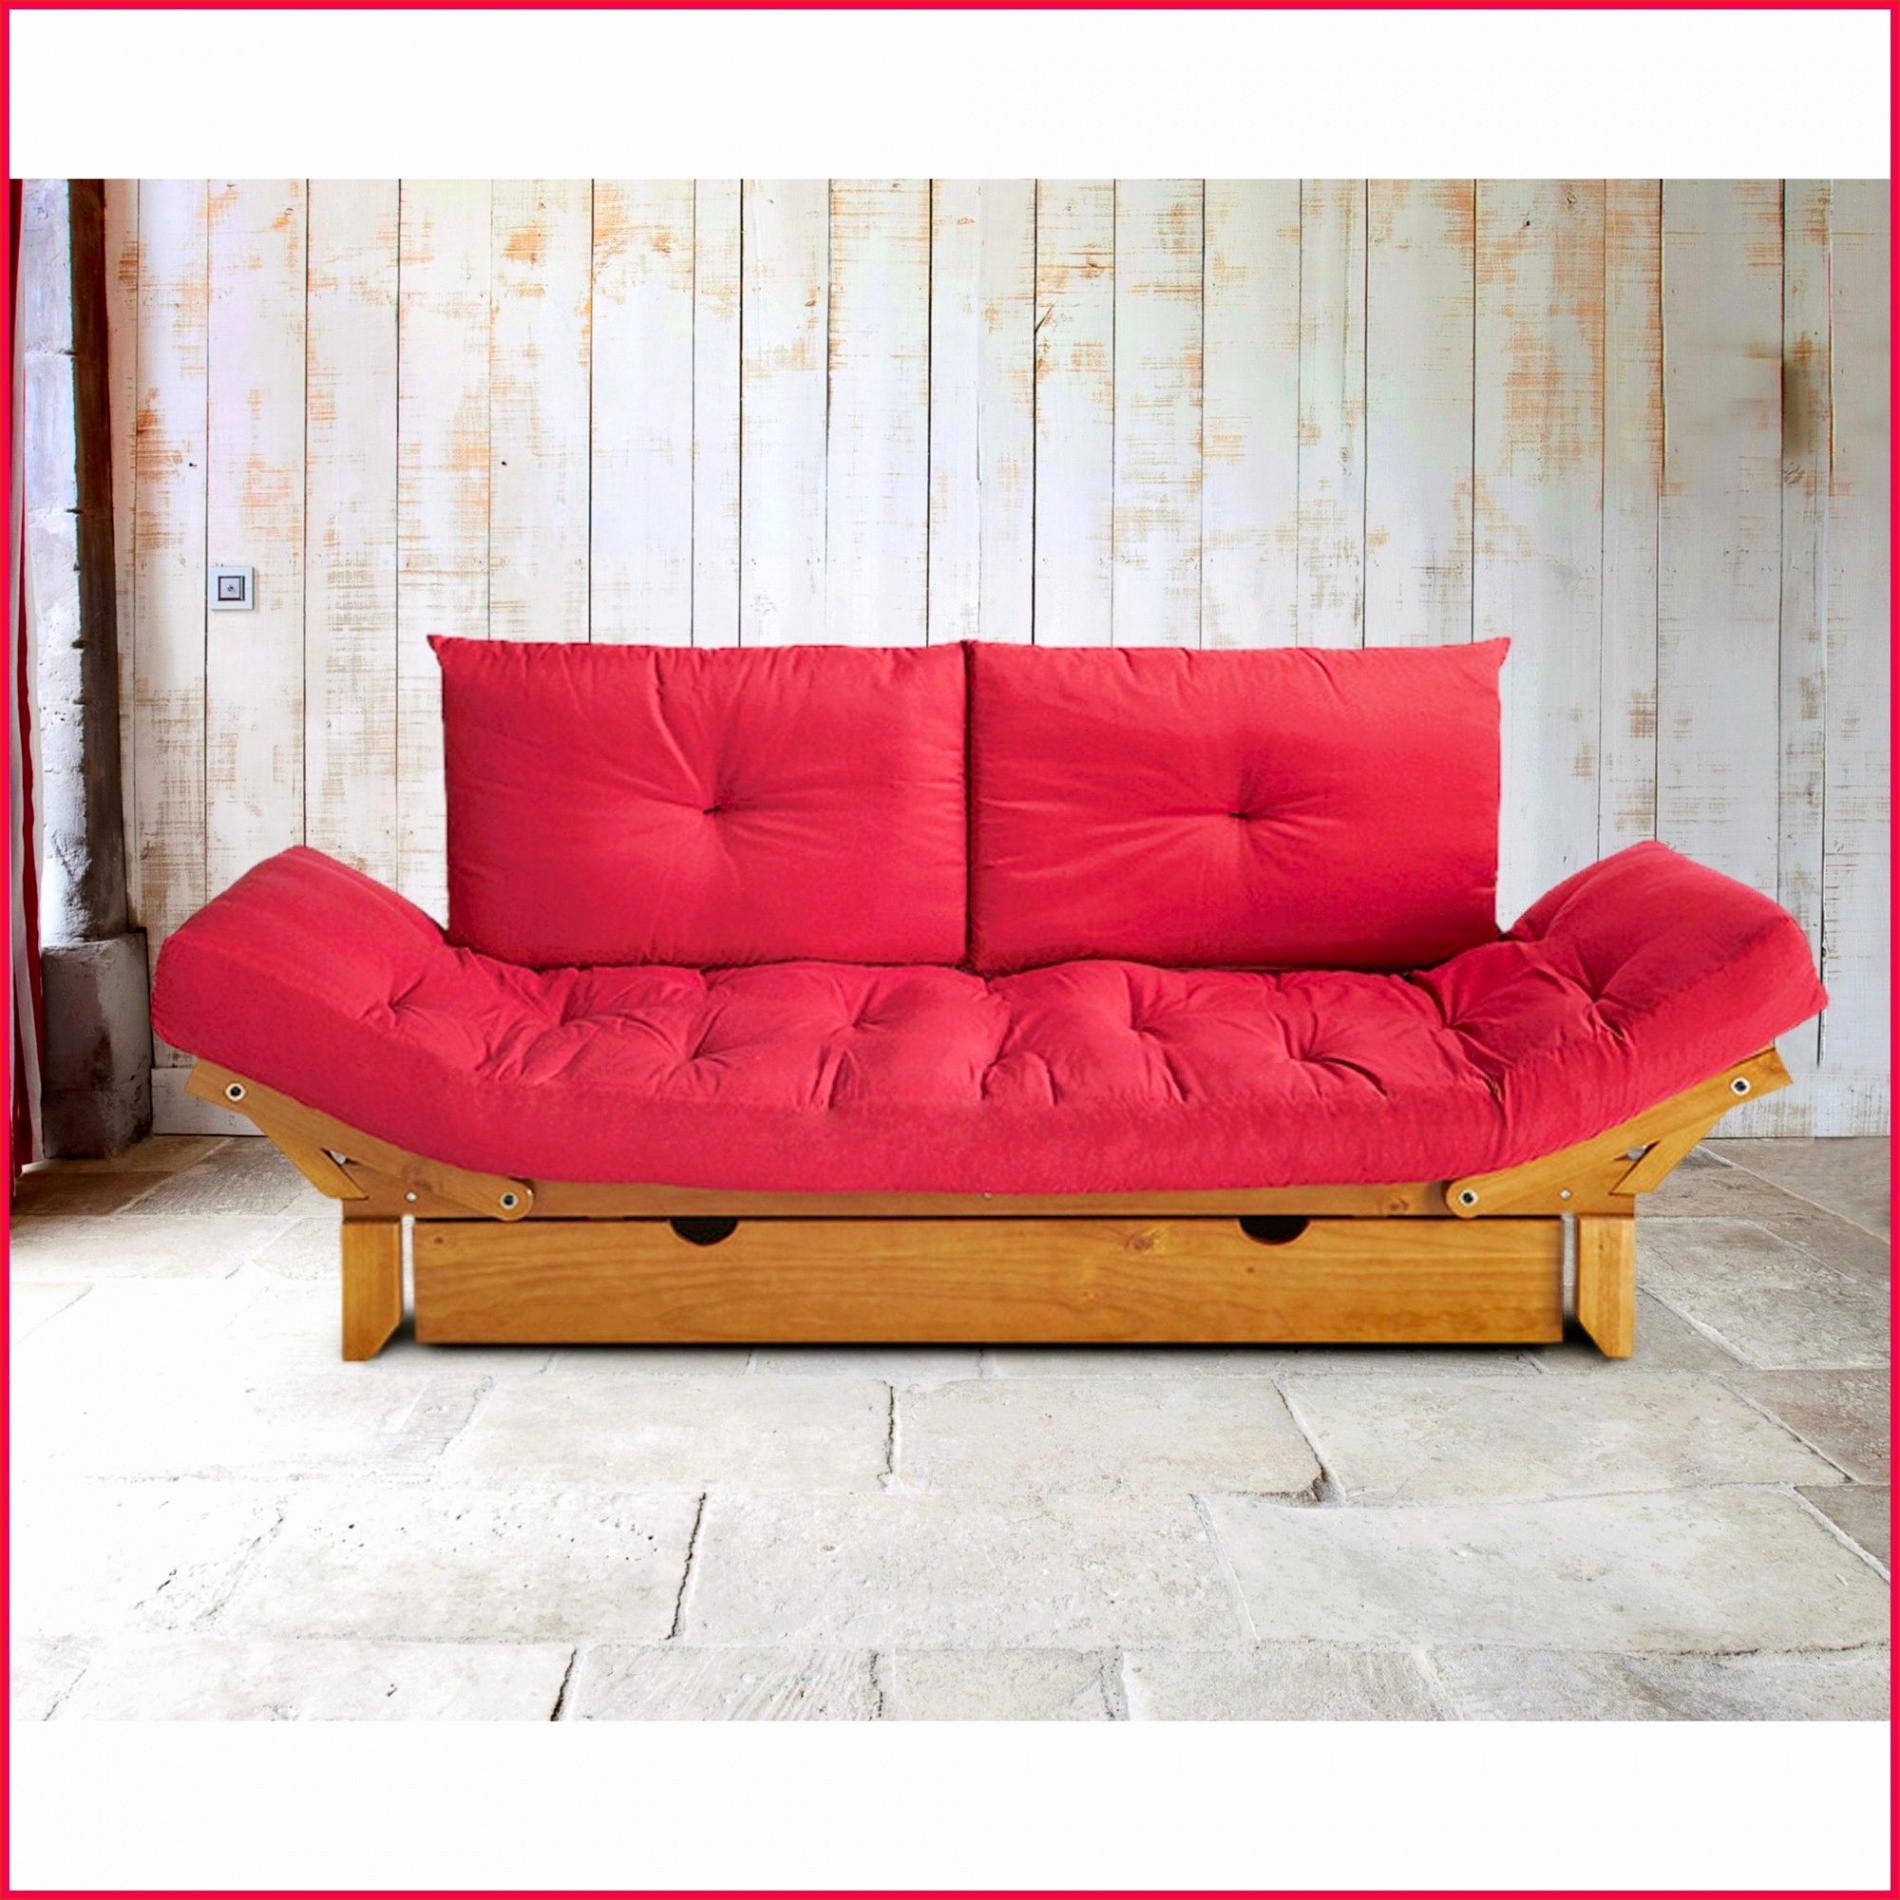 fauteuil futon banquette lit futon frais coussin futon luxe coussins banquette 0d of fauteuil futon